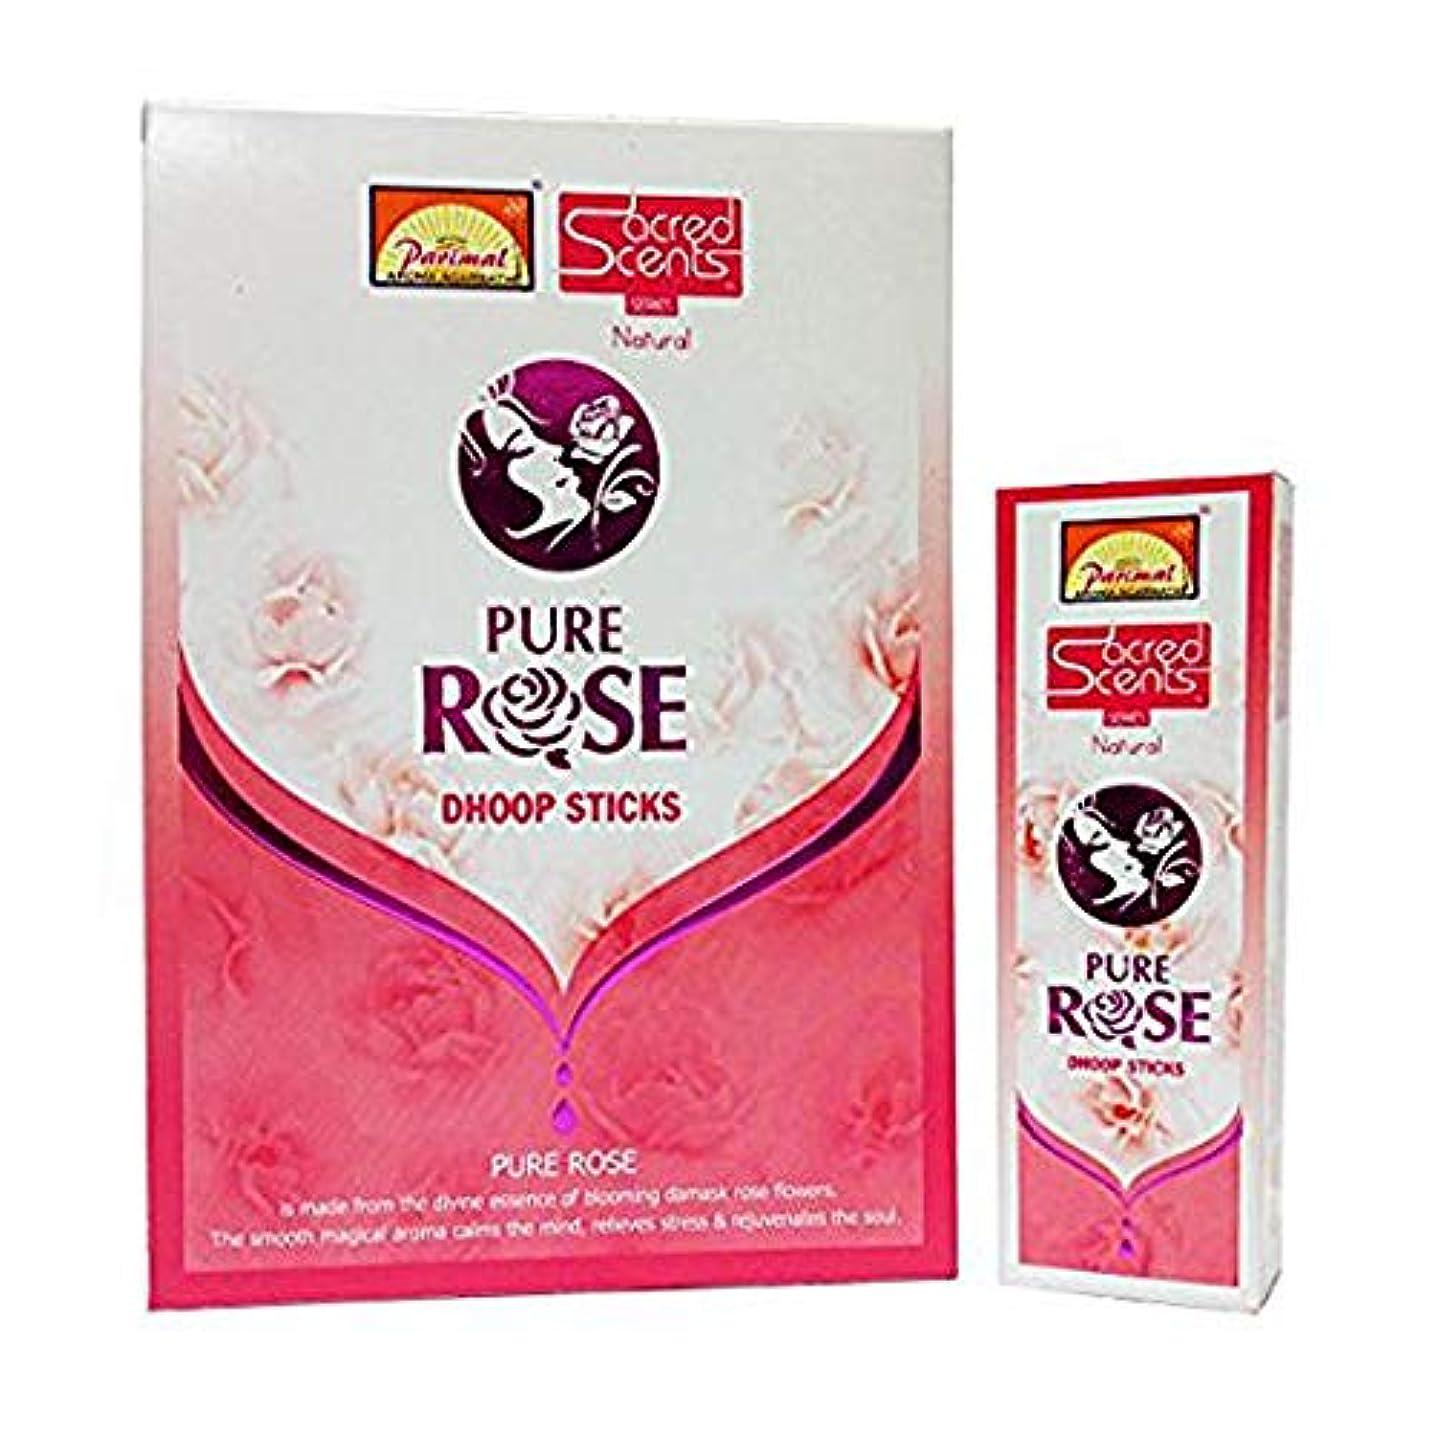 布ハリケーン閉塞Parimal Sacred Scents Pure Rose Dhoop Sticks 50グラムパック、6カウントin aボックス